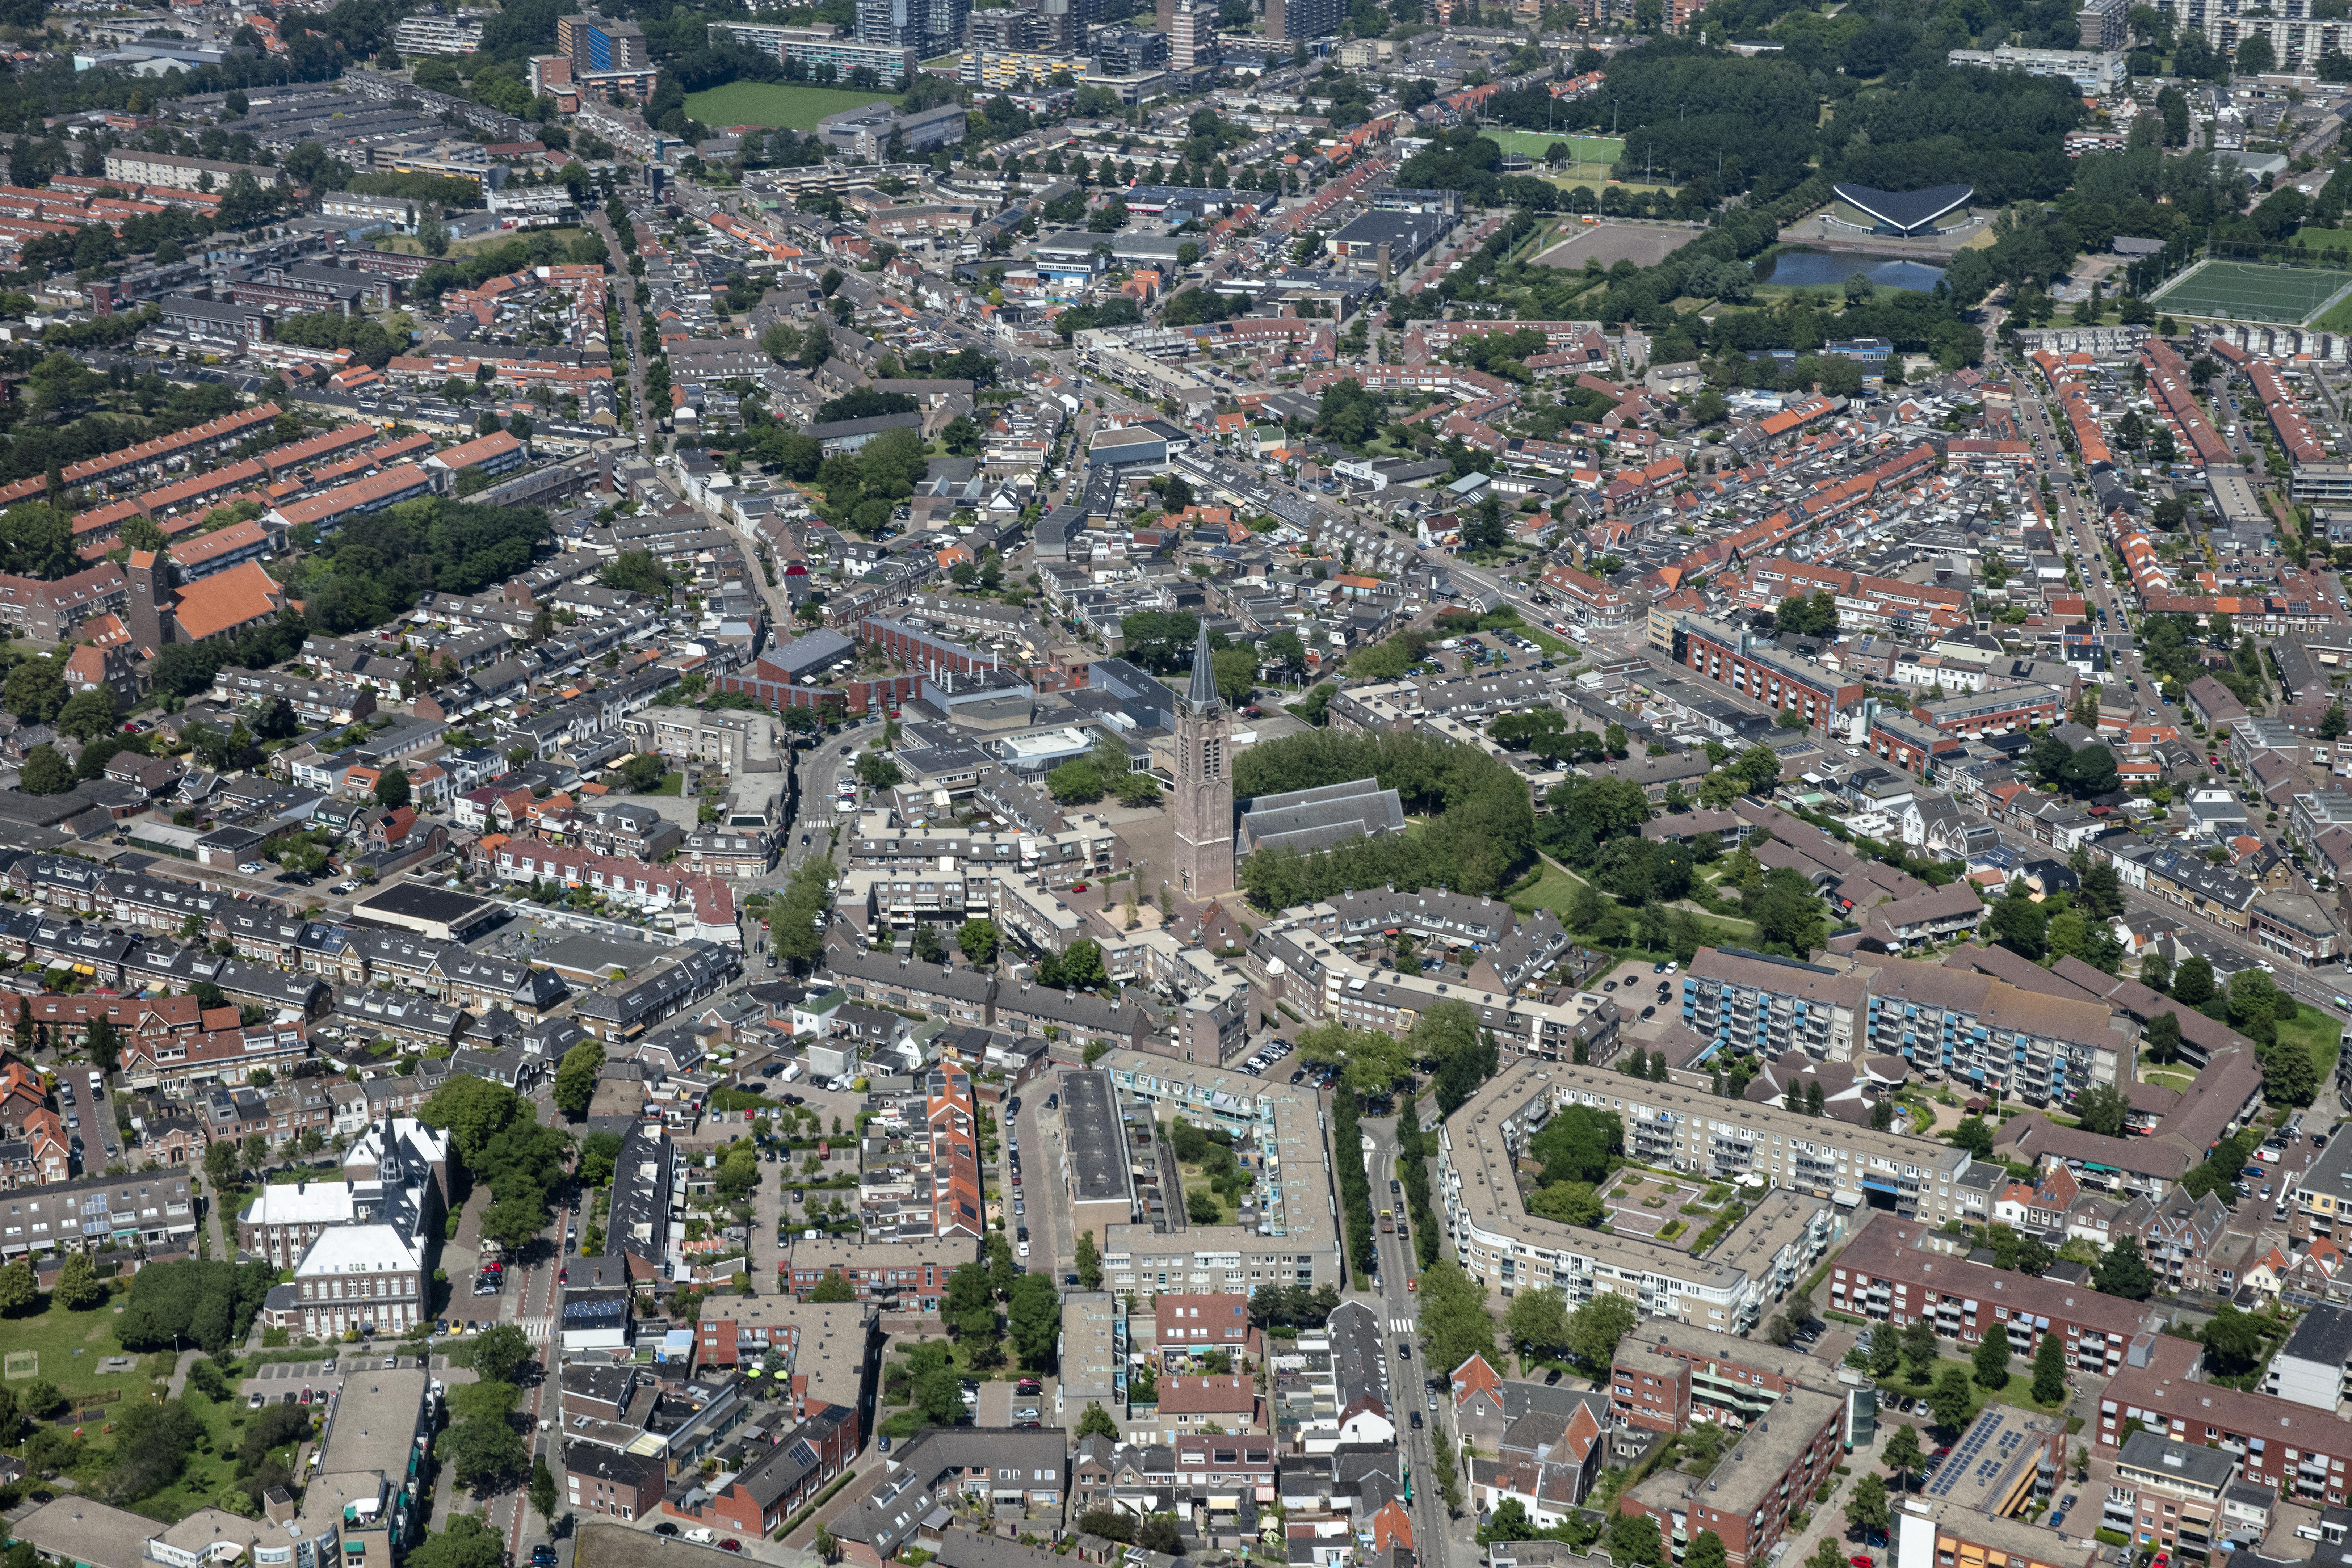 Protestantse gemeente Beverwijk hoopt op steun van gemeenschap; bij het vinden van een partner en het behoud van de Grote Kerk: 'Dit is de plek waar heel Beverwijk omheen is gebouwd'